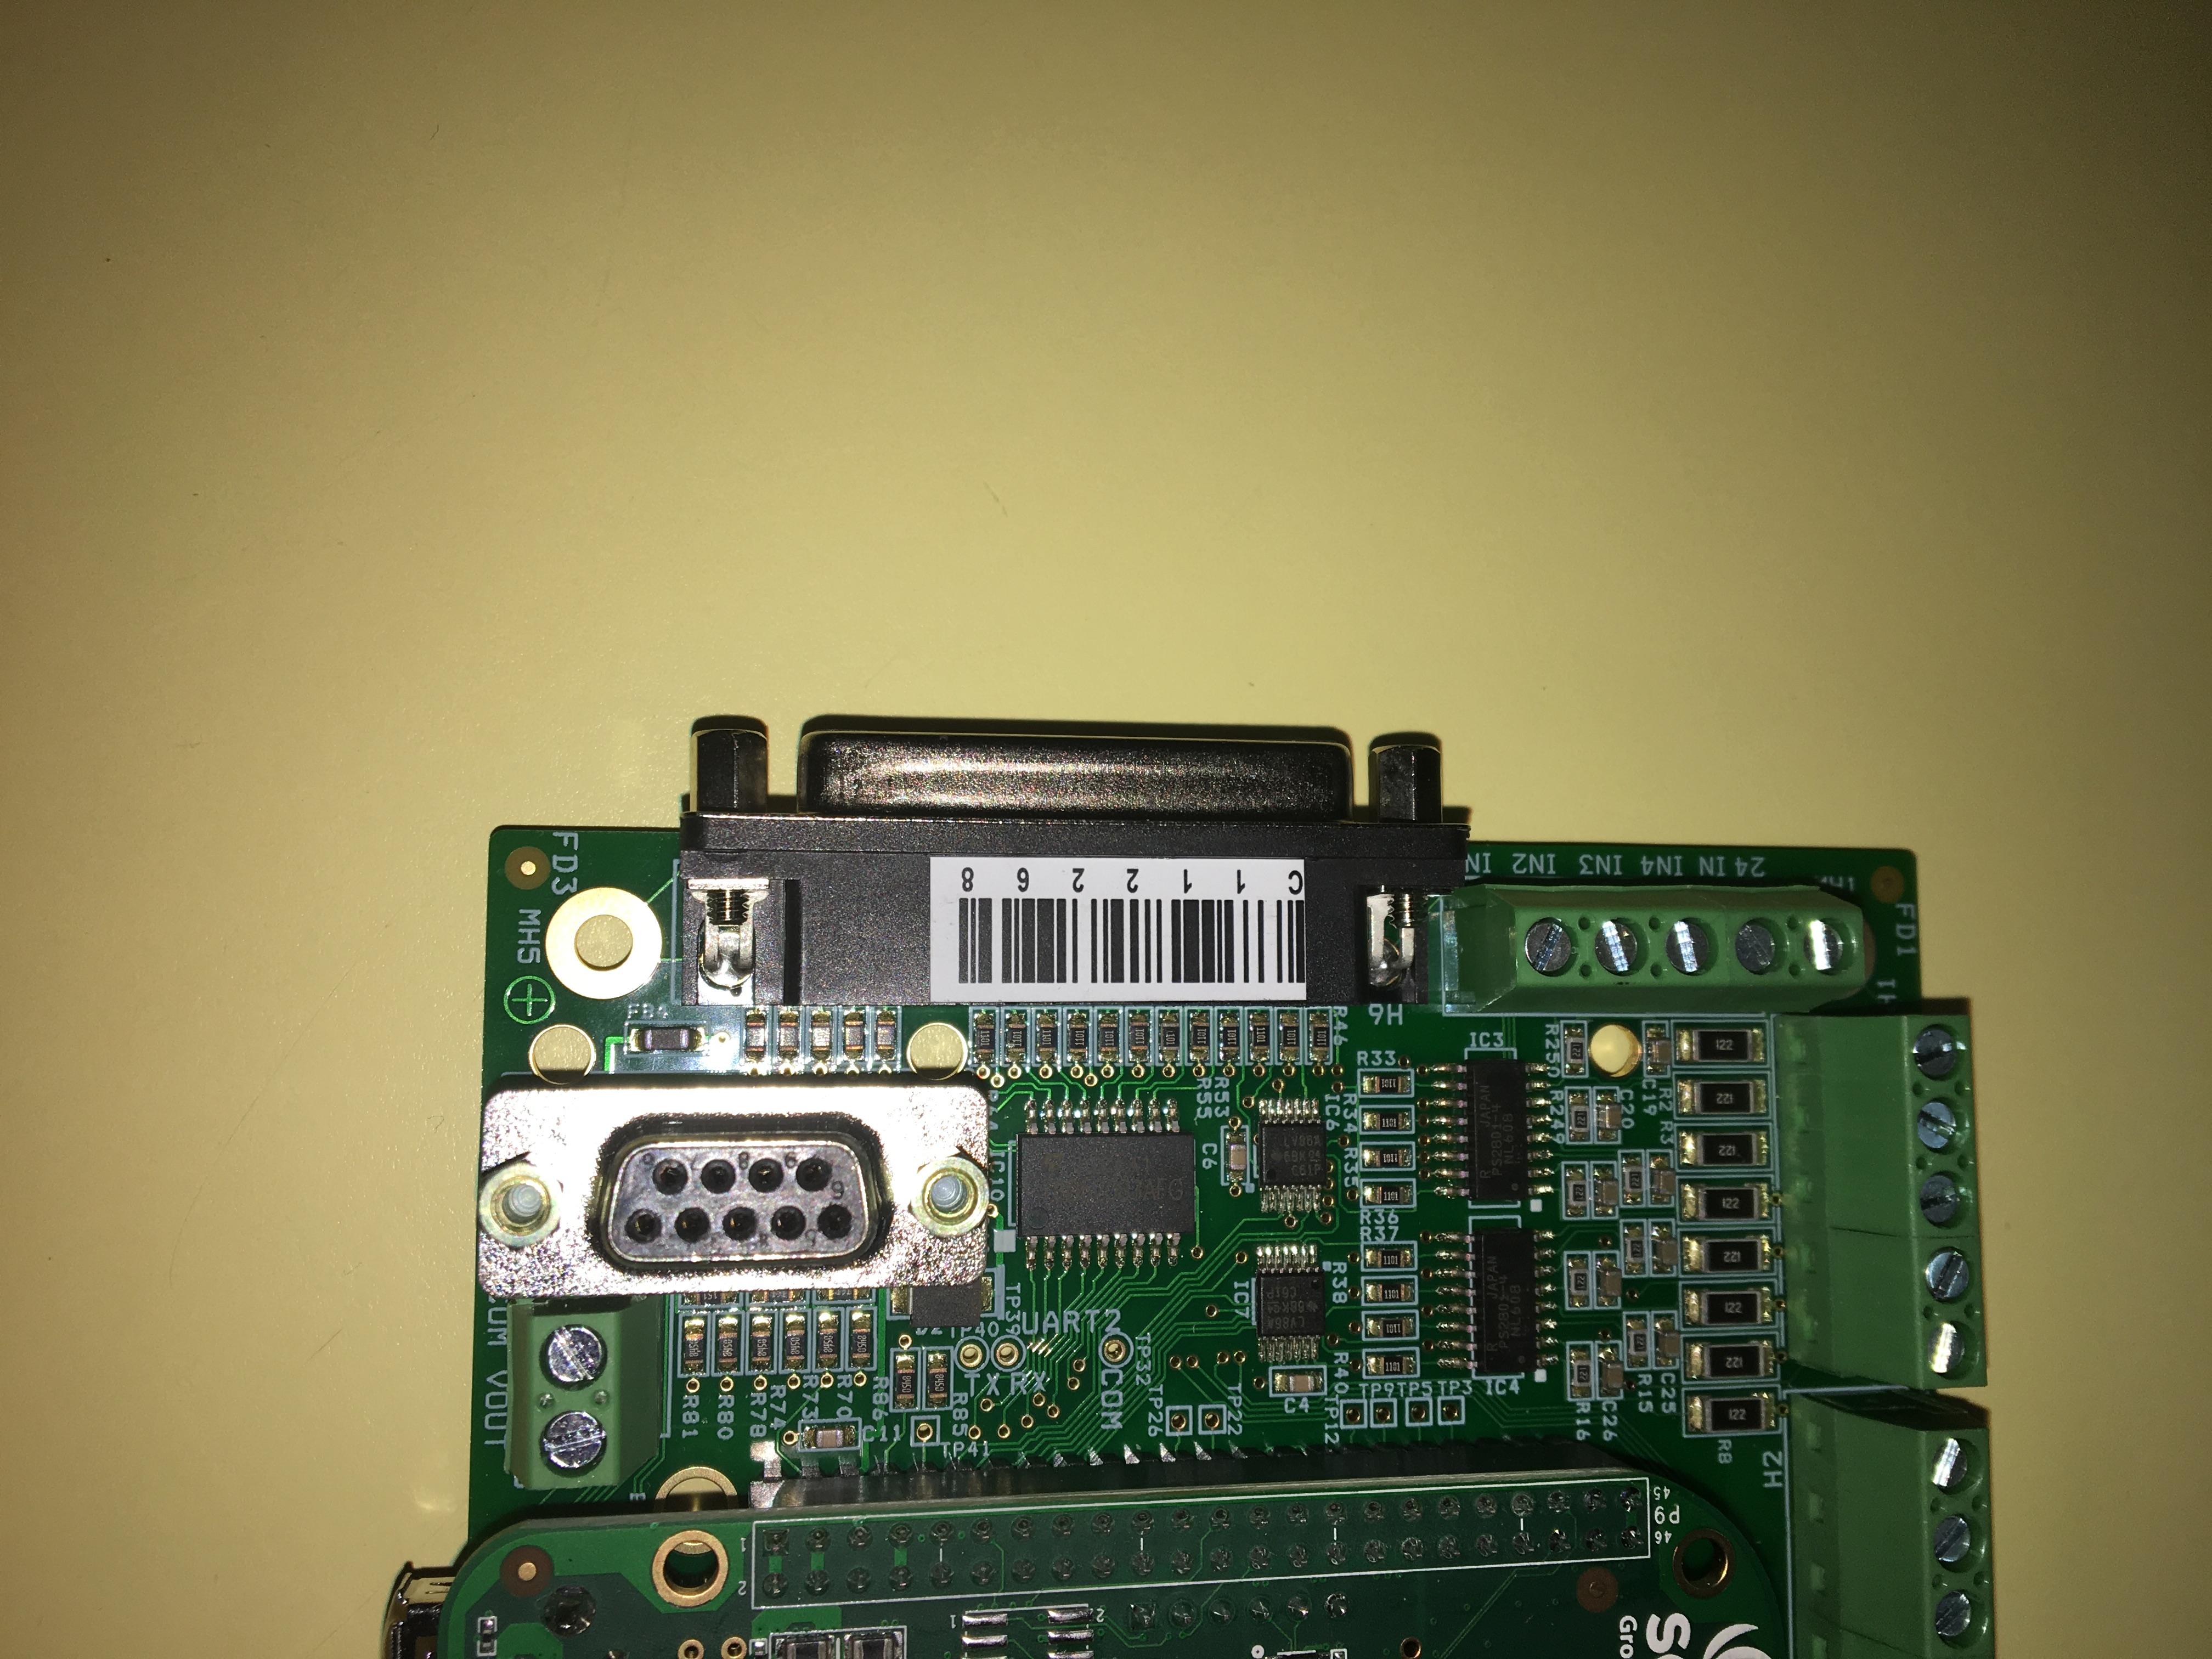 CNC Router Tips CentroidCNC Acorn DIY CNC Controller - #CNC